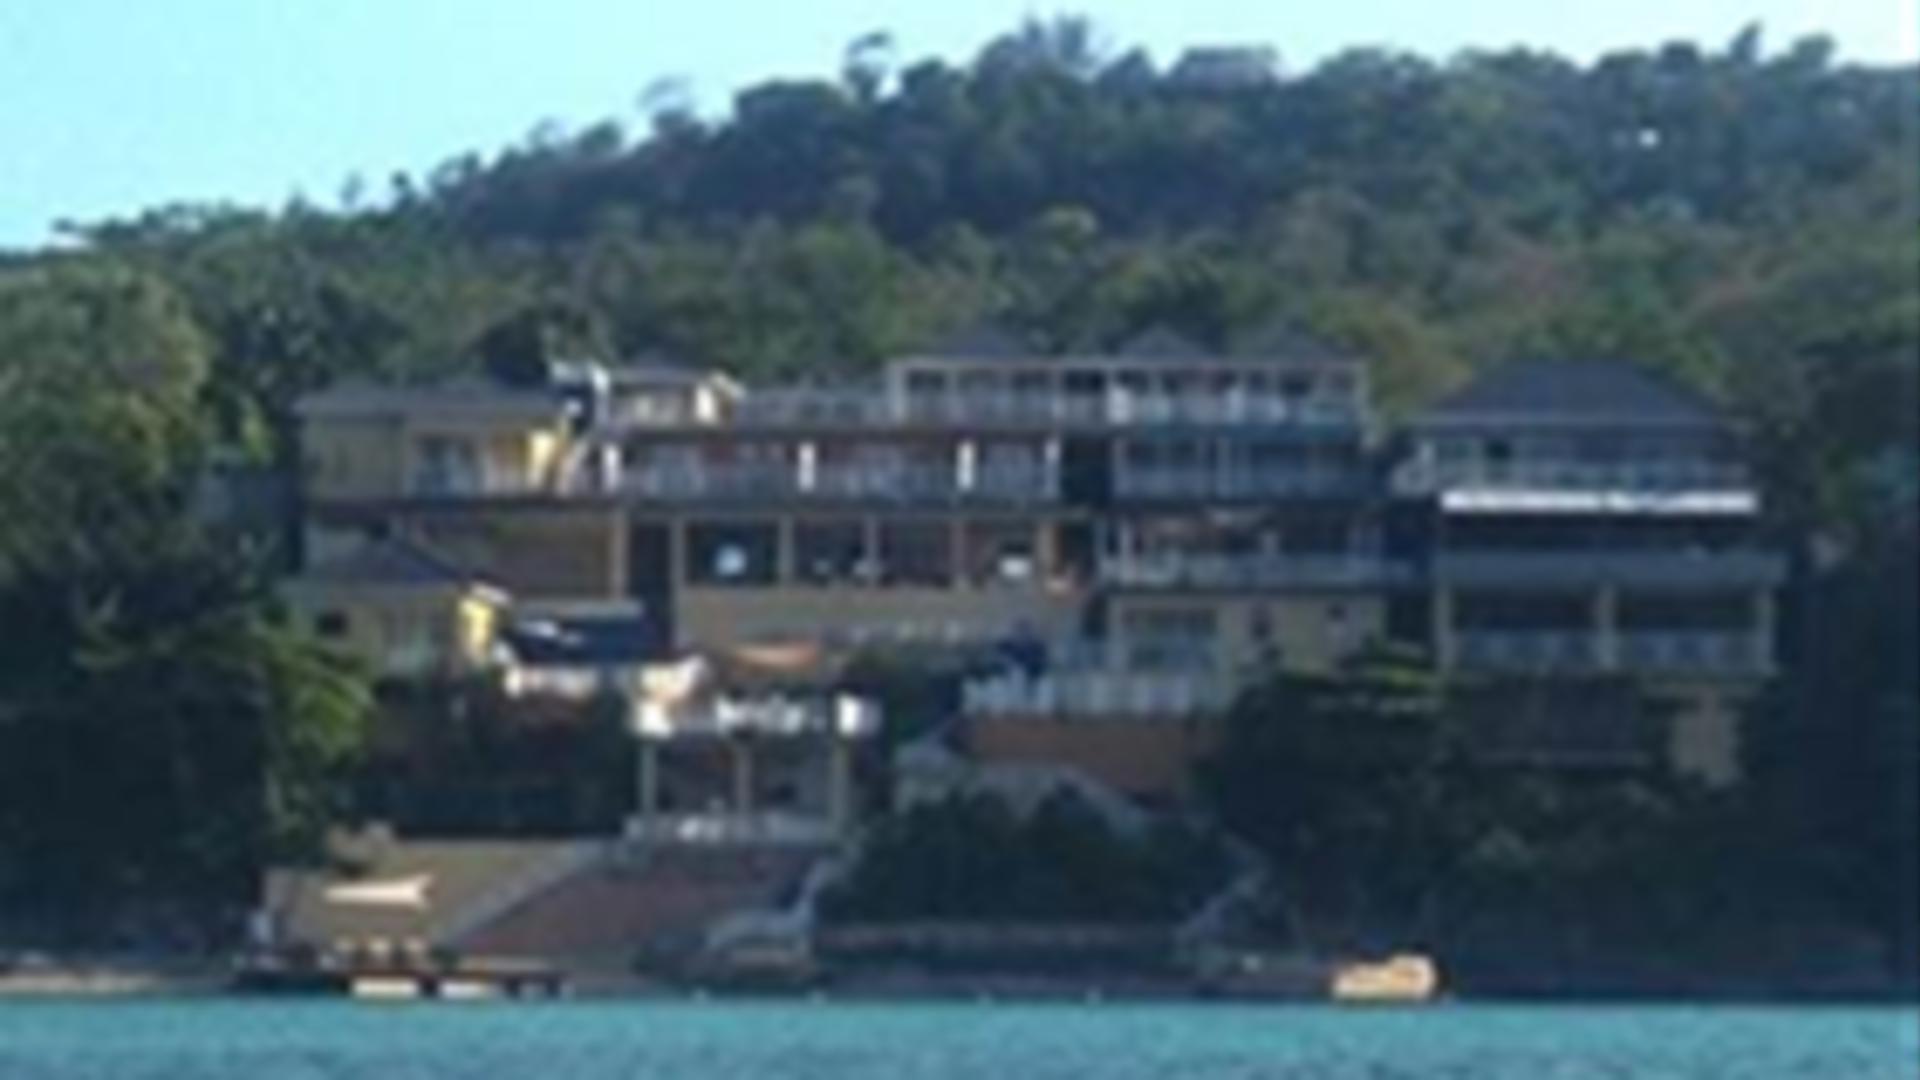 Moxon's Beach Club